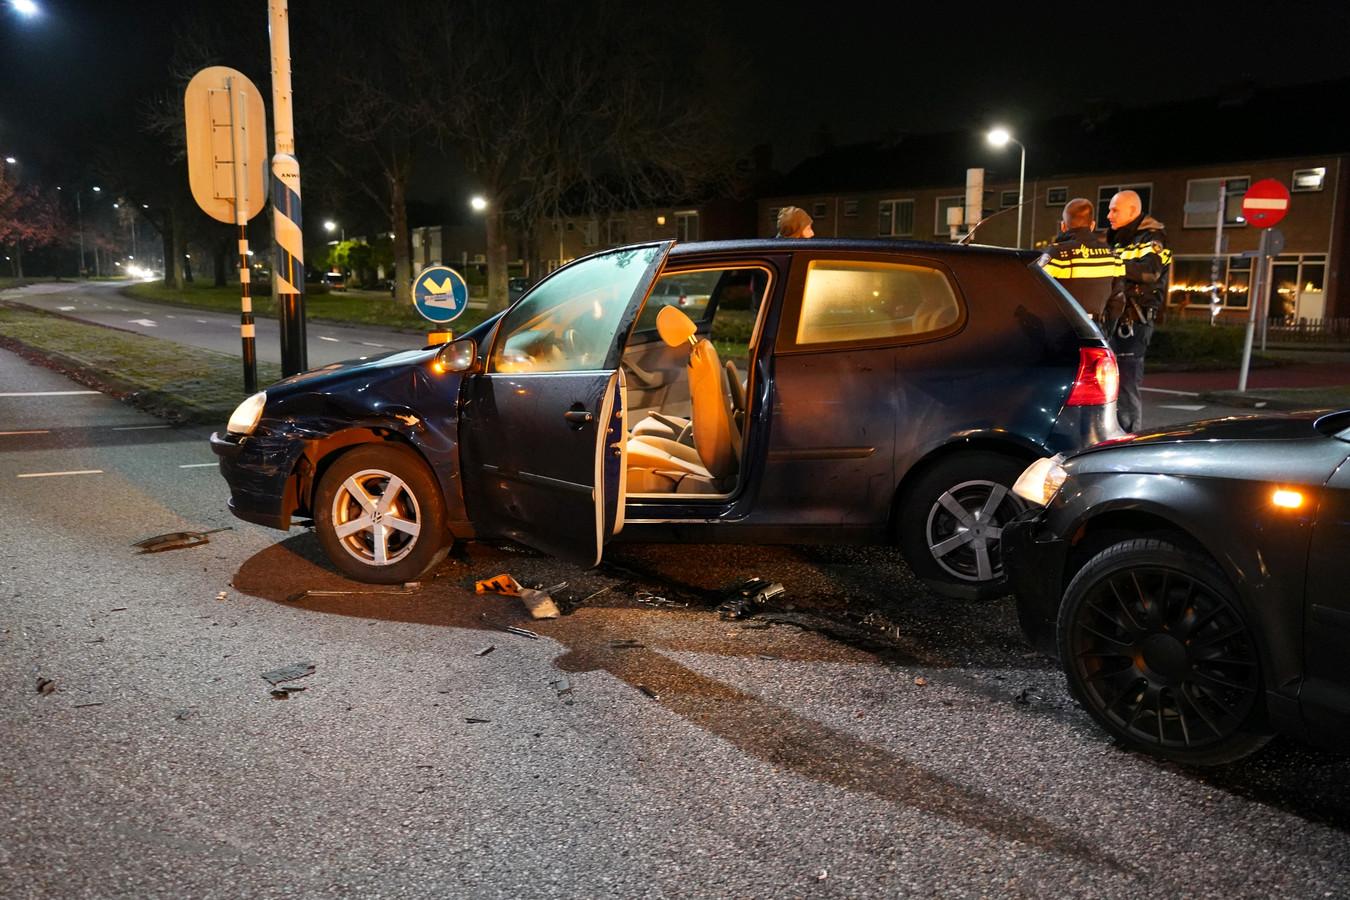 De blikschade is groot na een botsing tussen twee auto's in Zevenaar. Niemand raakte gewond.